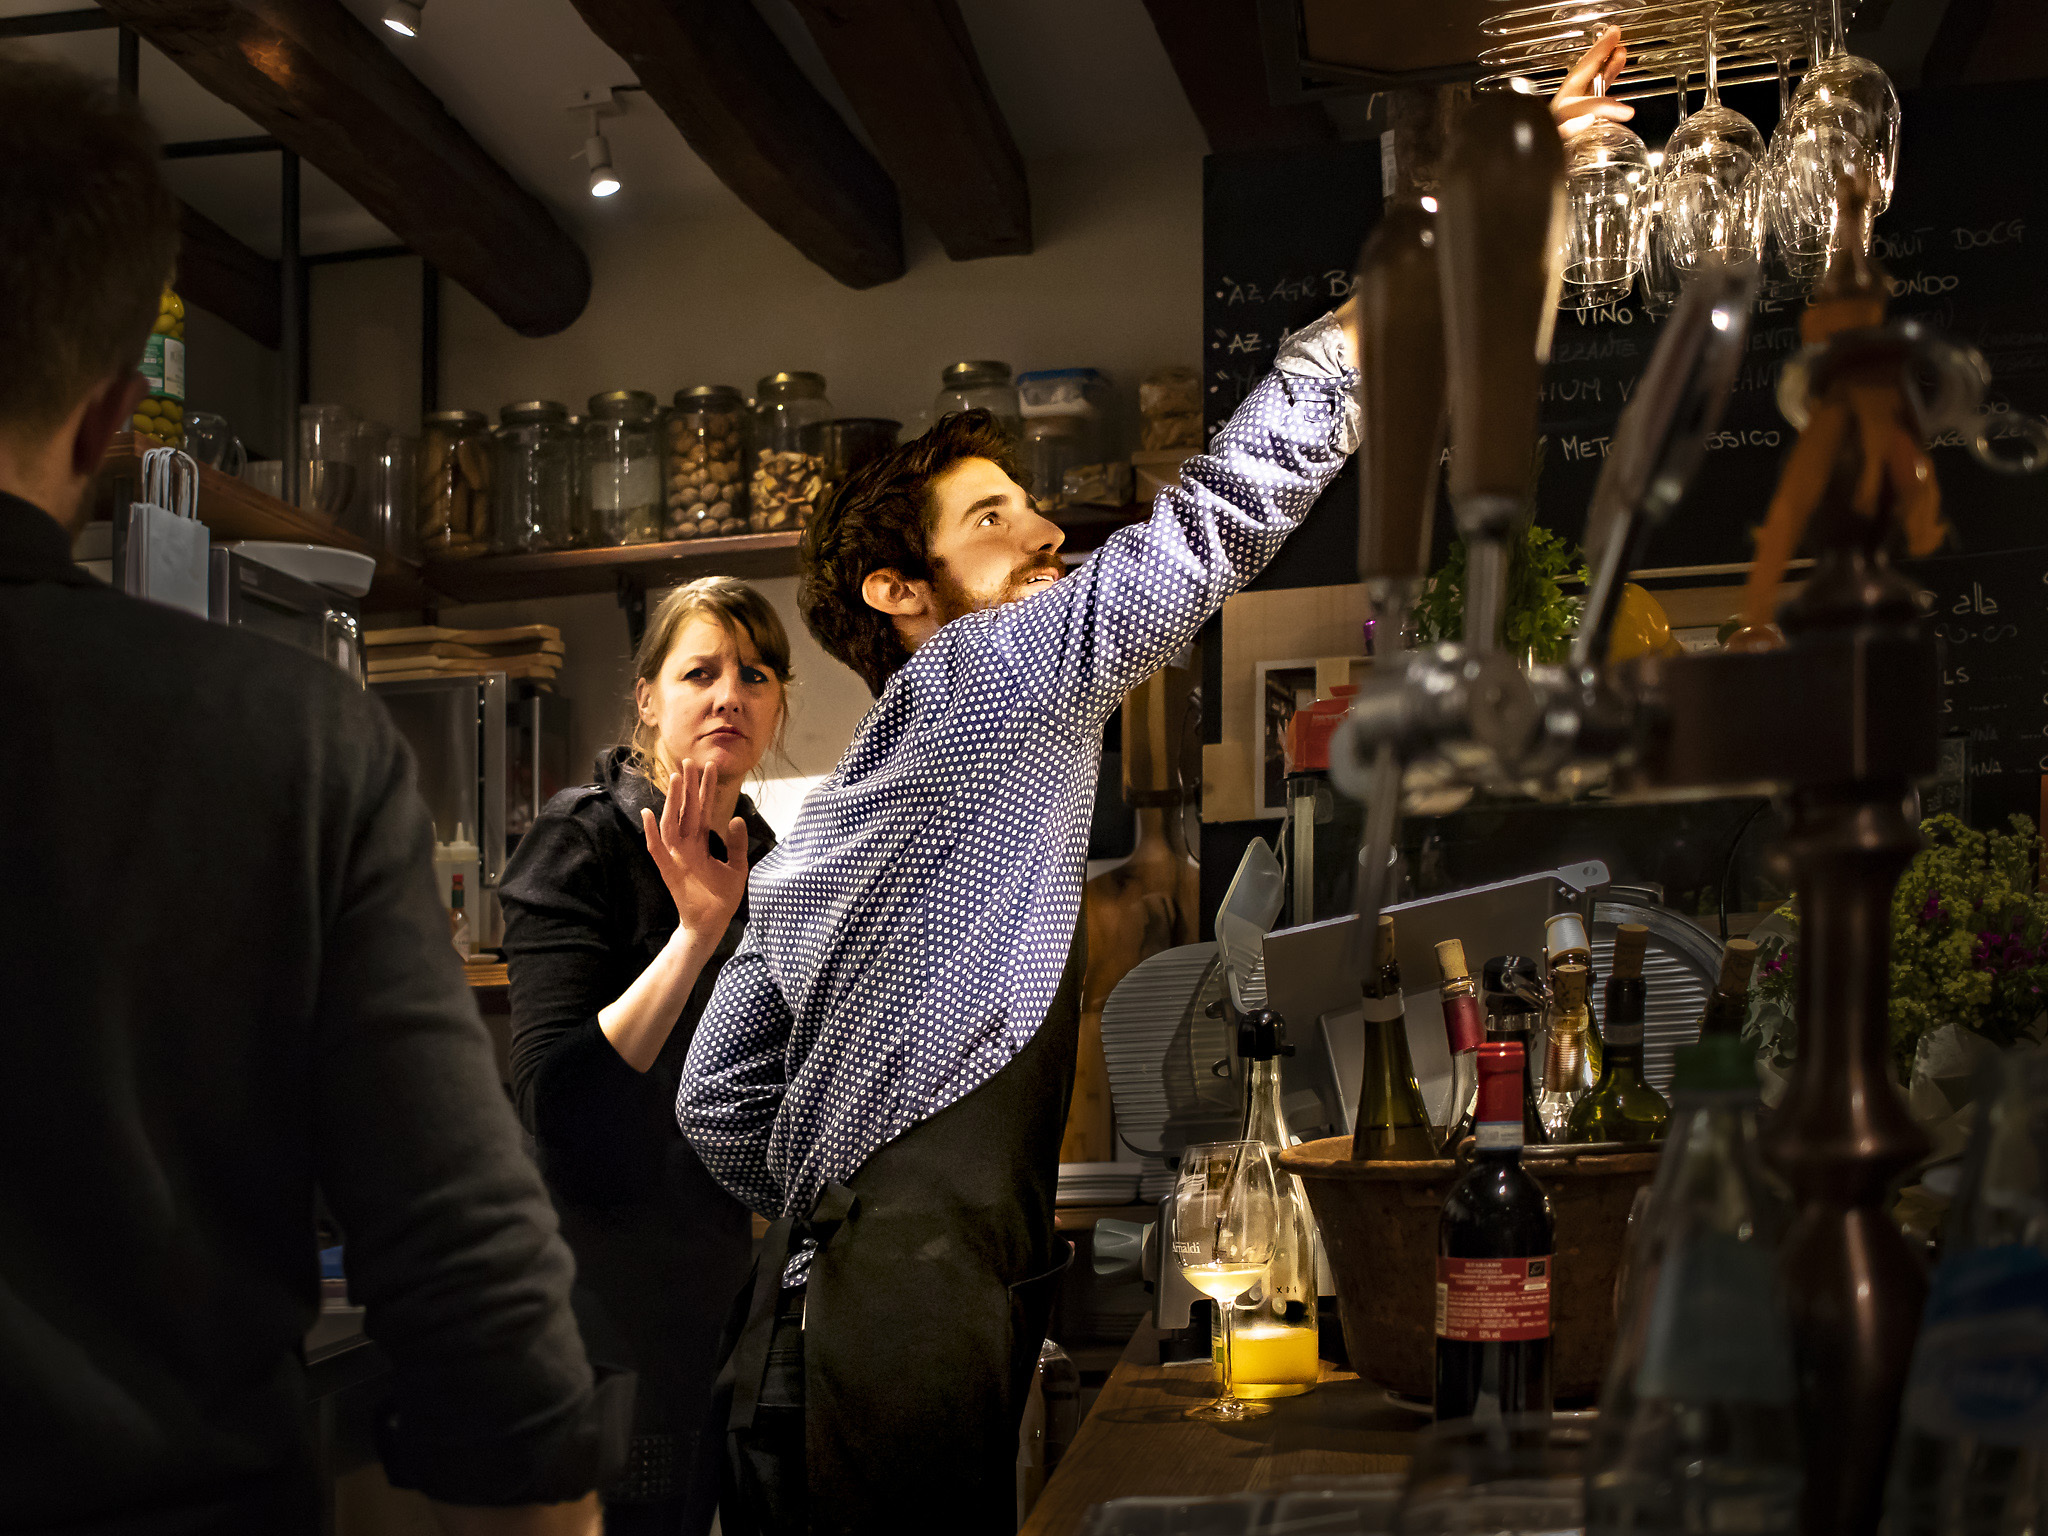 Travle bartendere